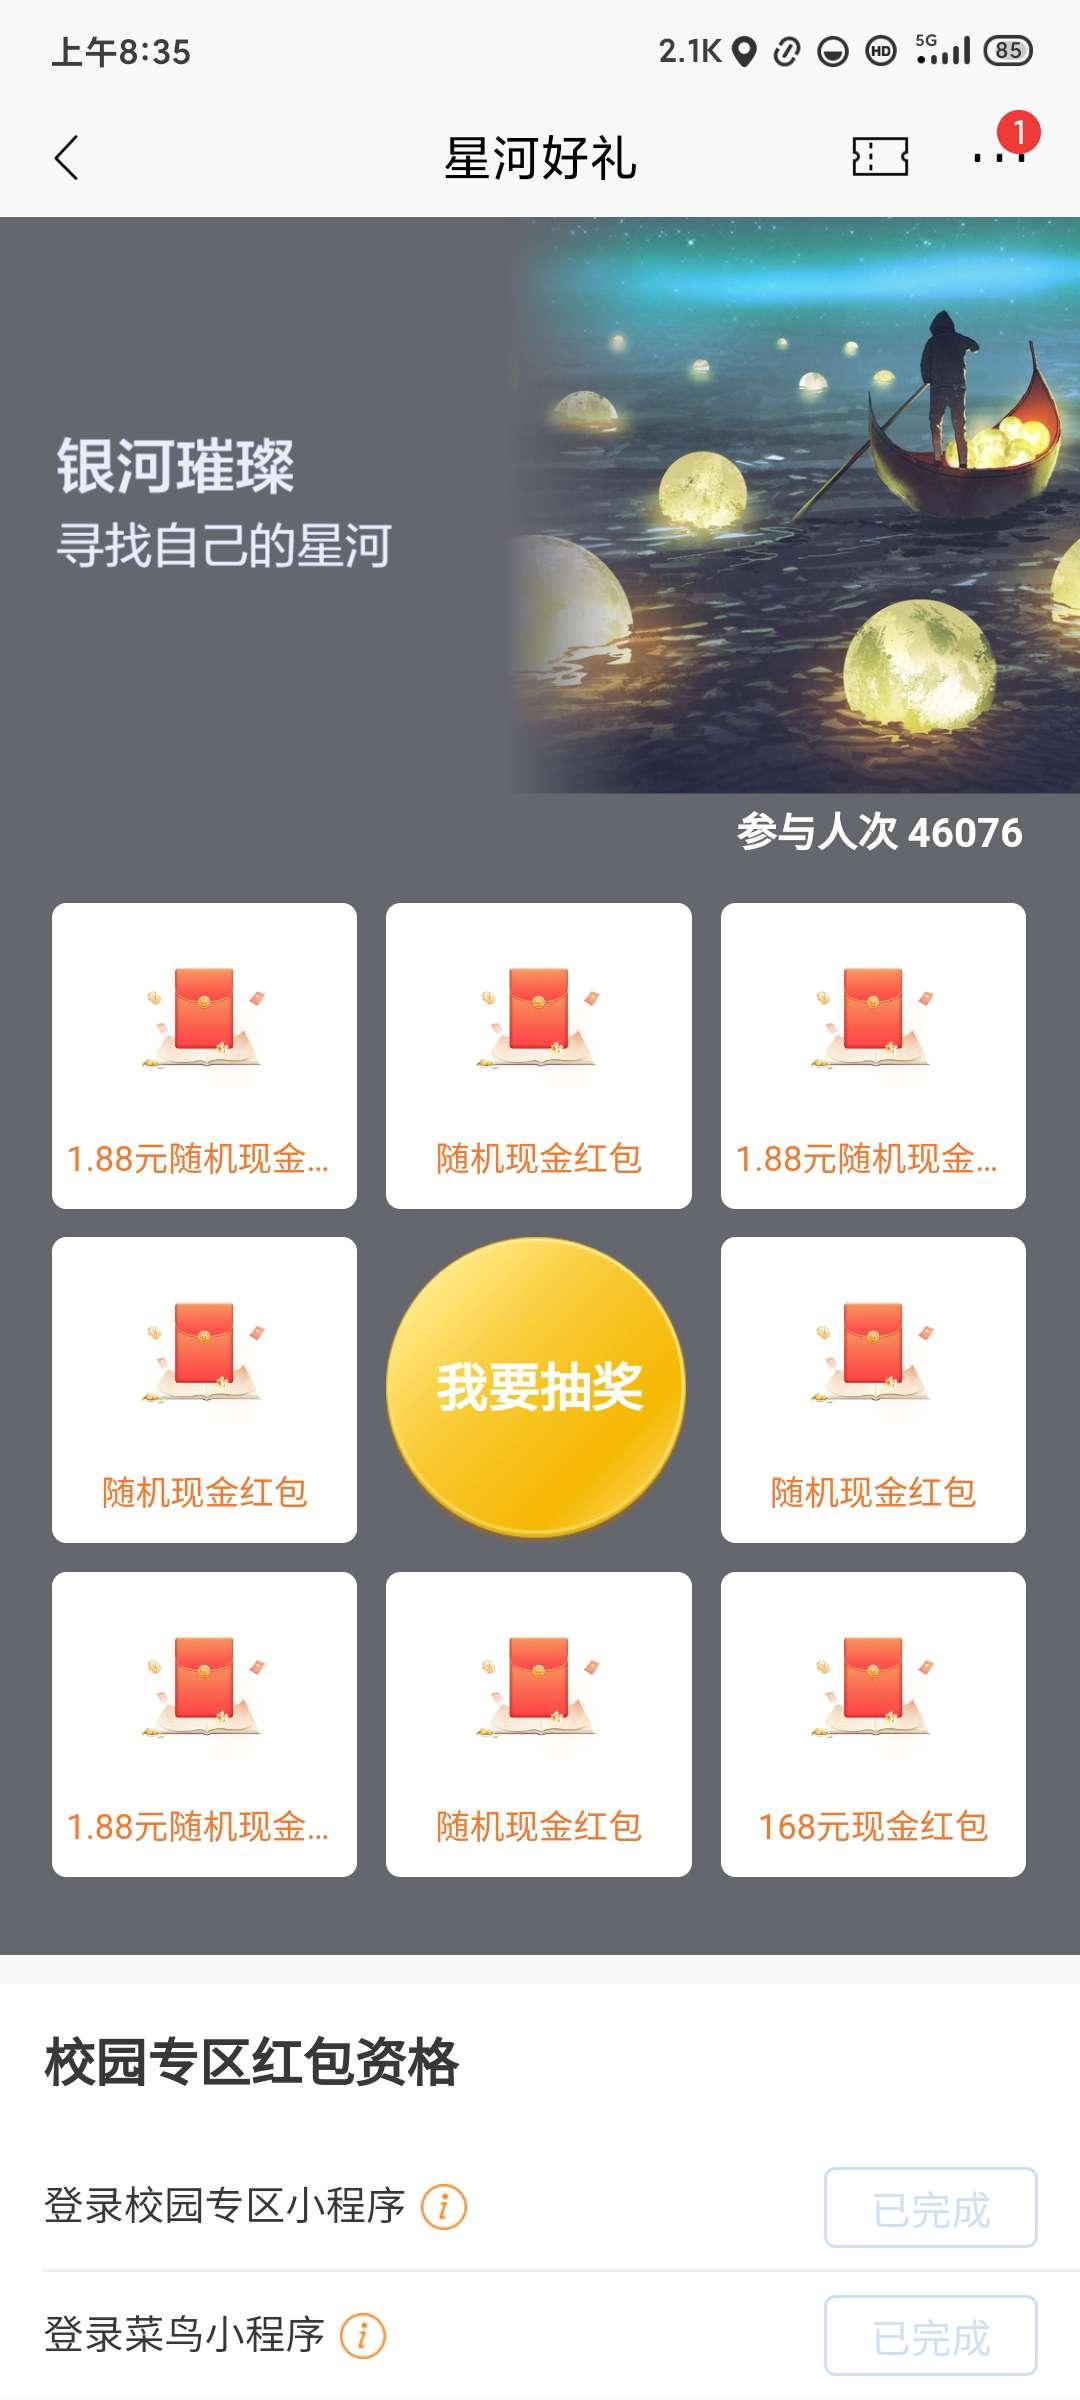 图片[4]-招商银行app完成任务领红包-老友薅羊毛活动线报网